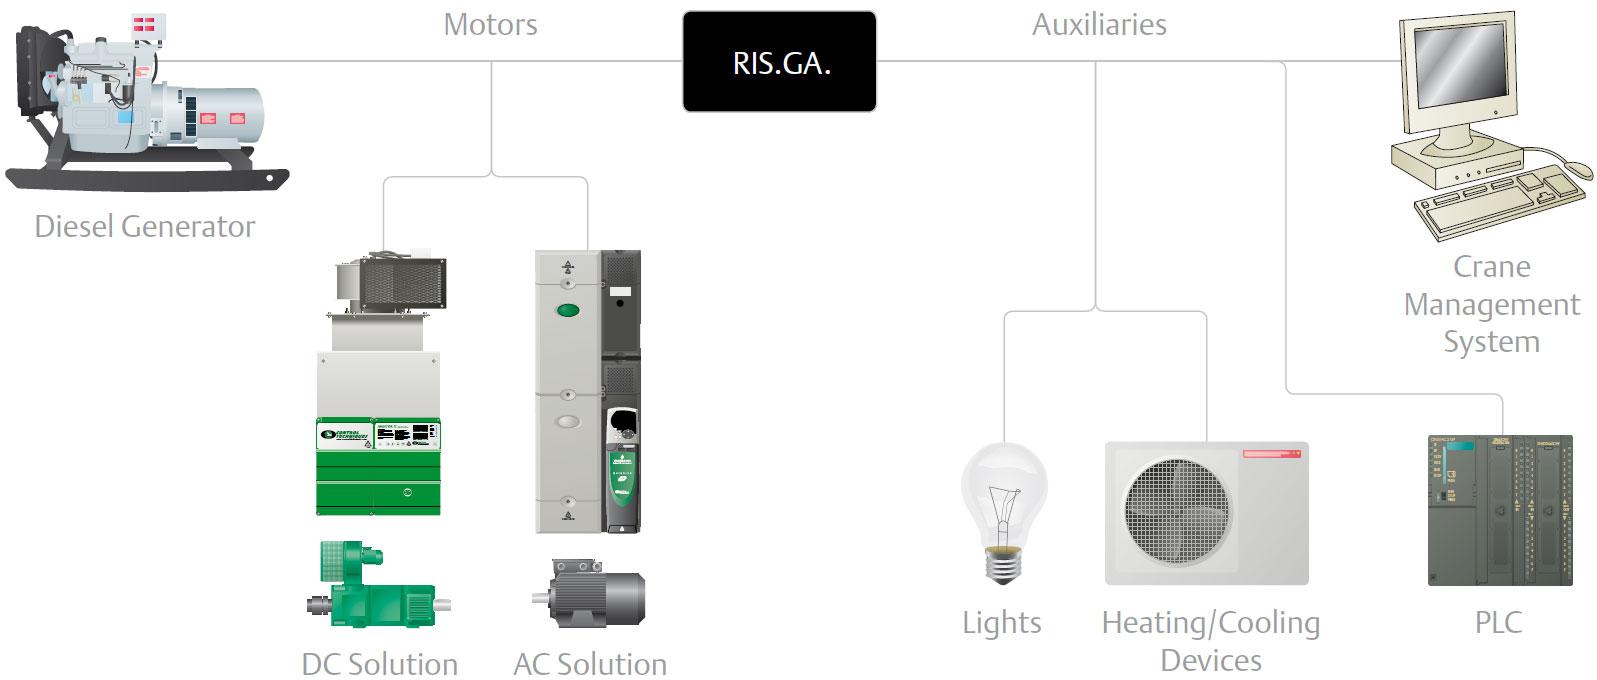 risga_fuel_saving_system_lrg